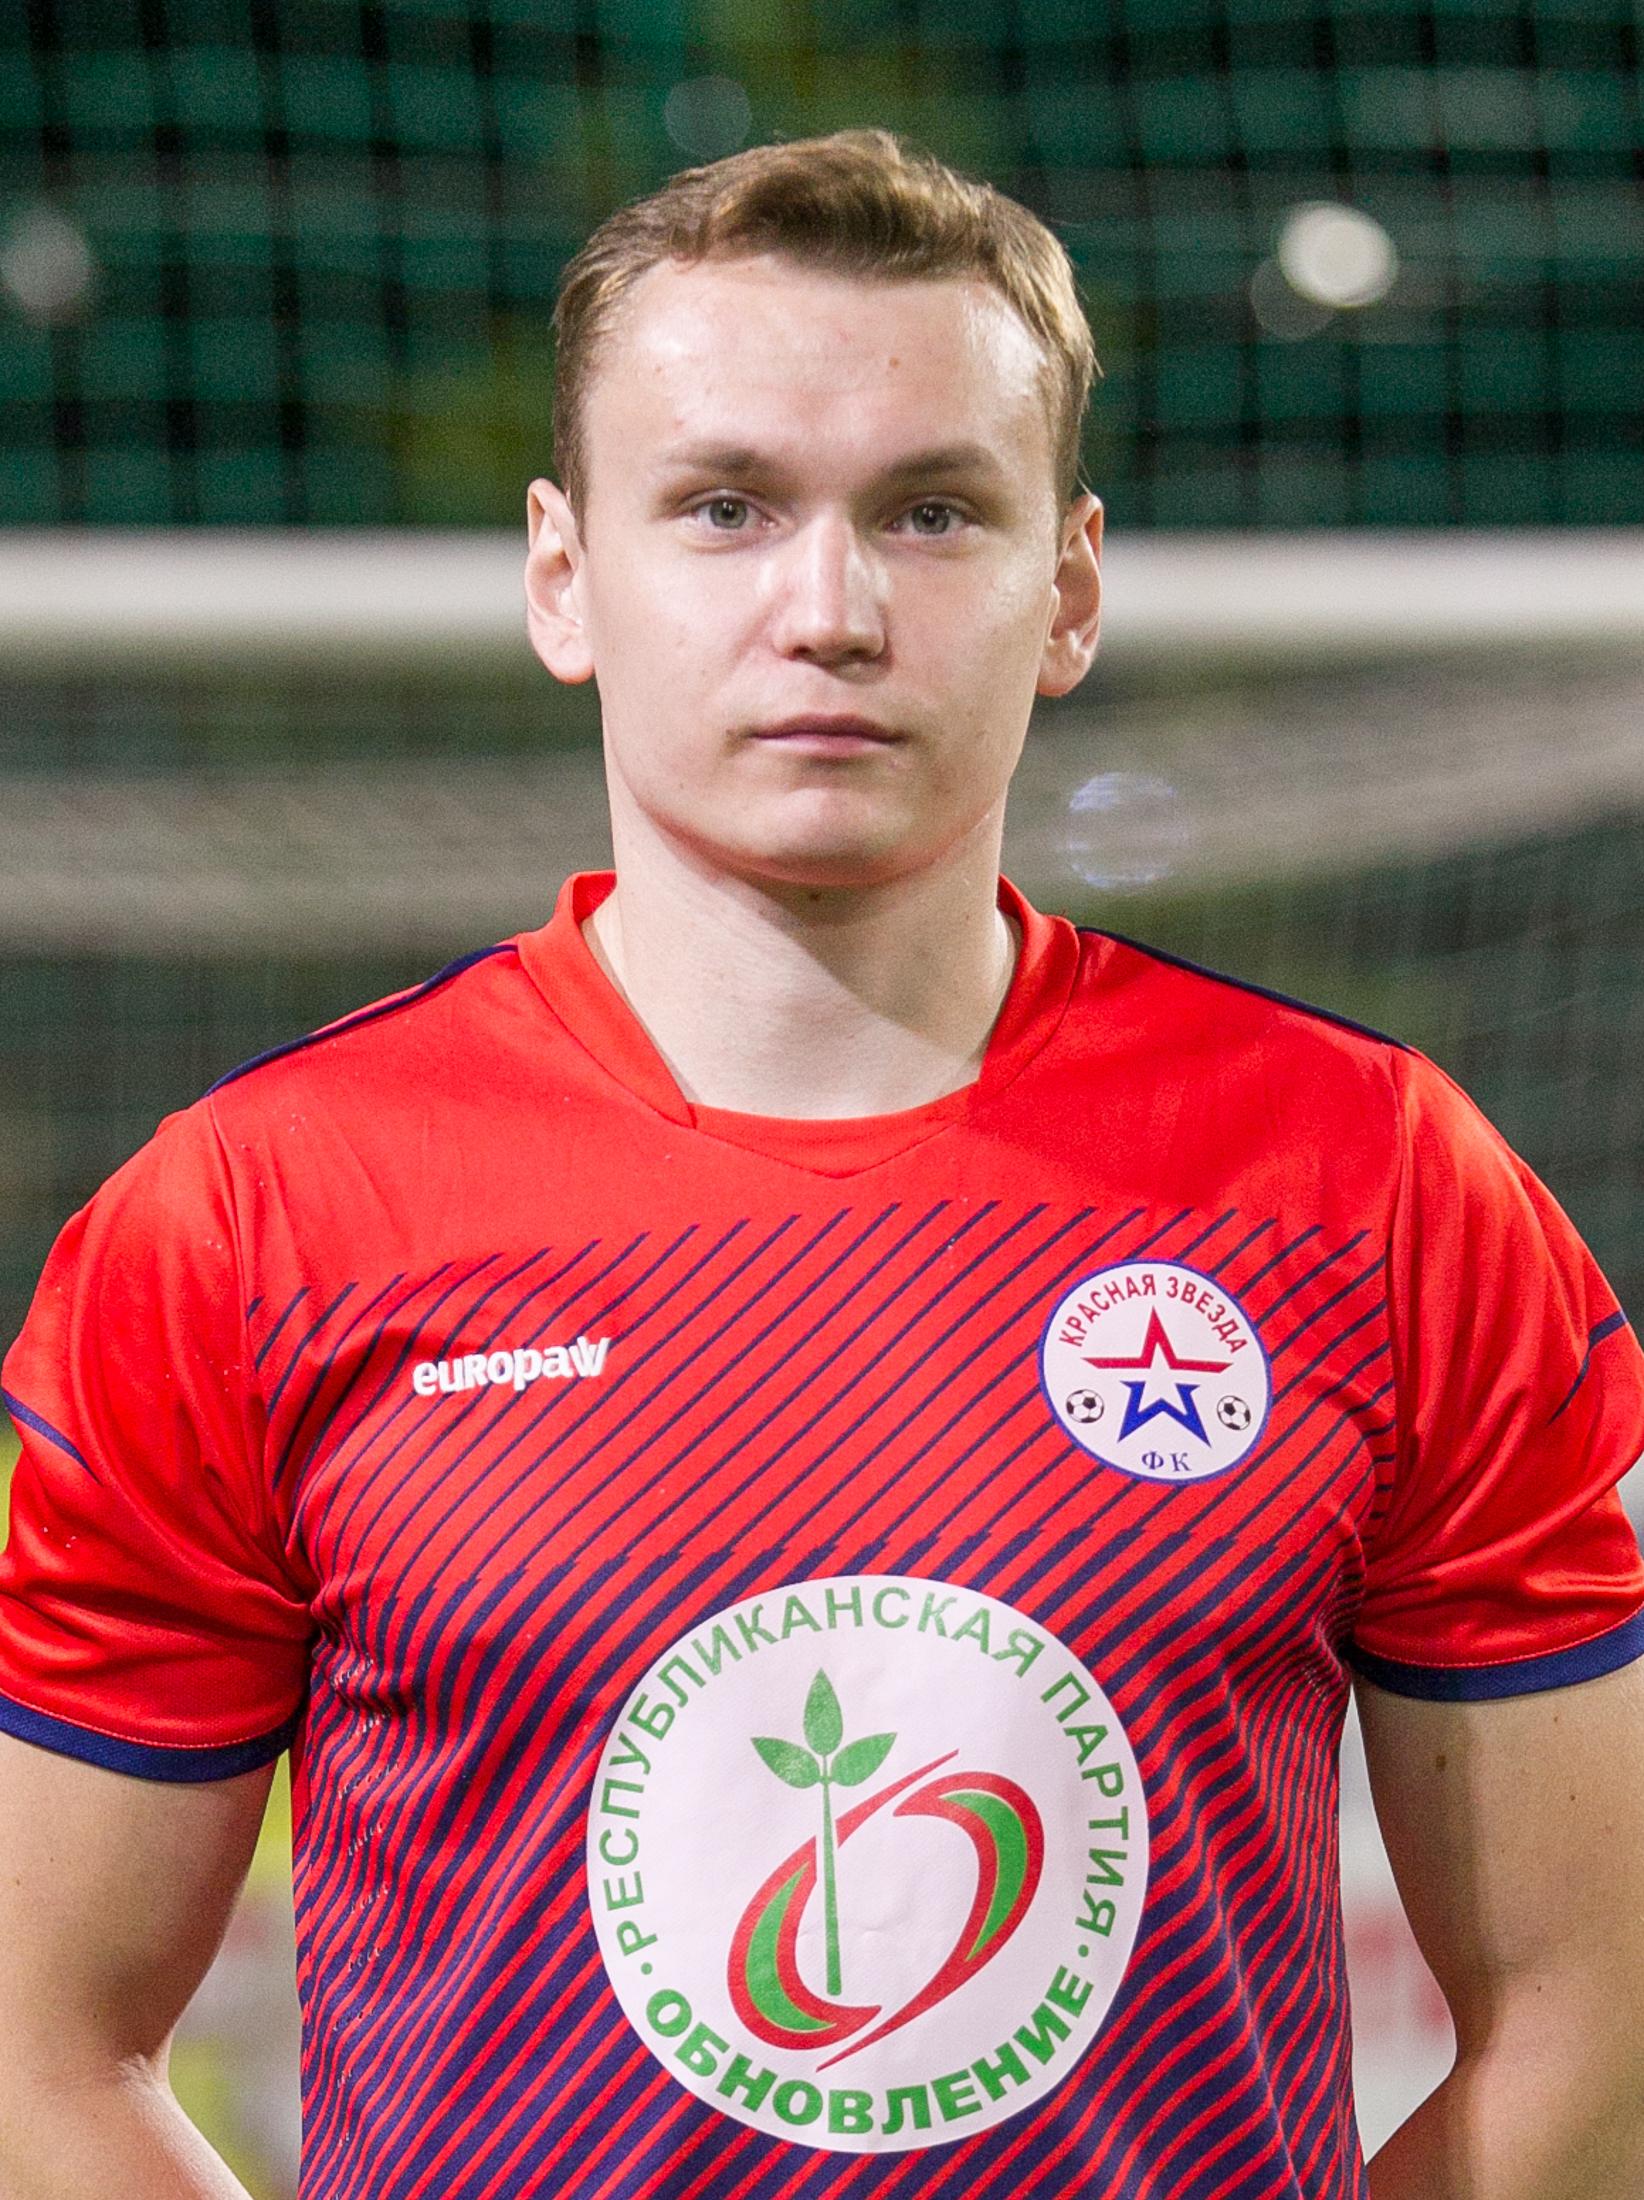 Голубев Денис